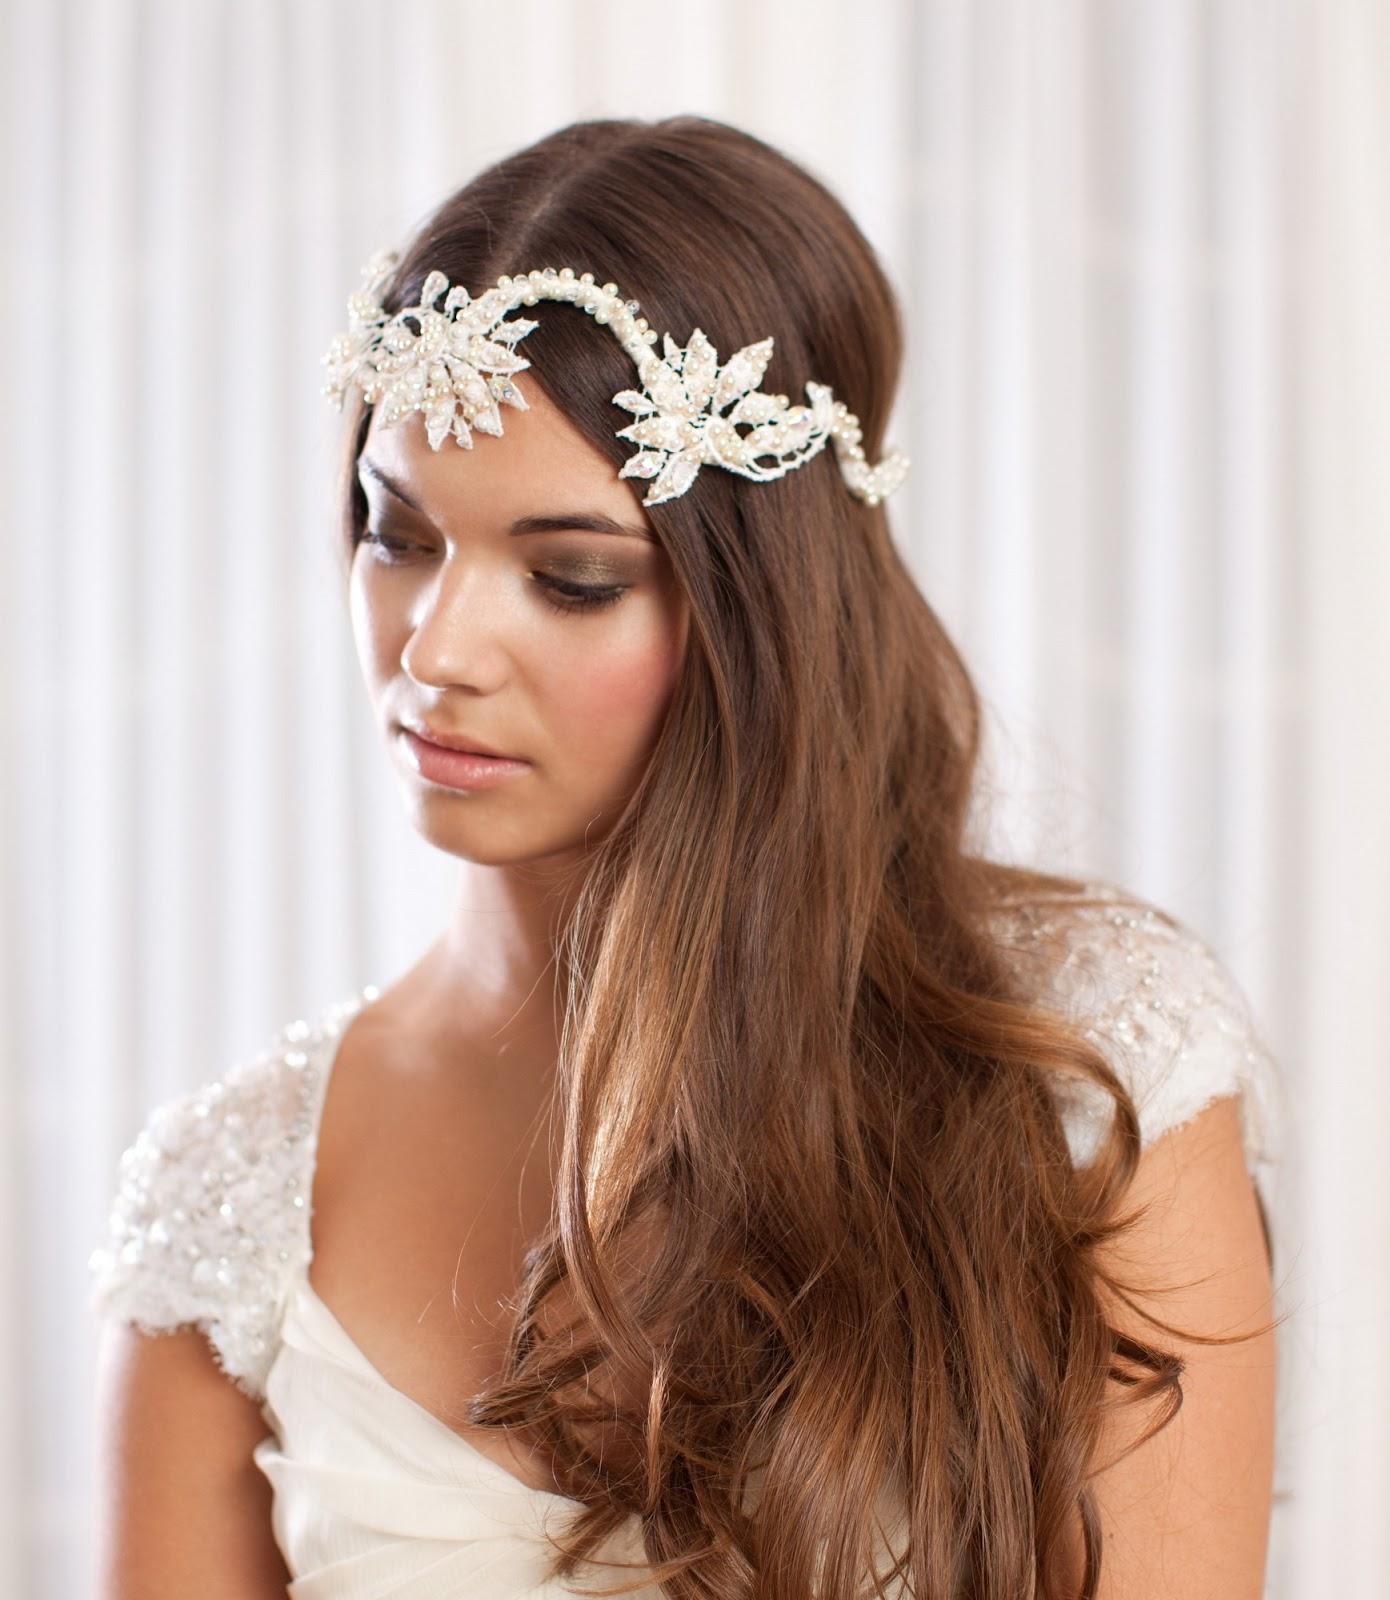 se verán preciosos con estos accesorios para el pelo de la novia 2013, una colección preciosa y de alta calidad que puedes admirar en sus estilismos,